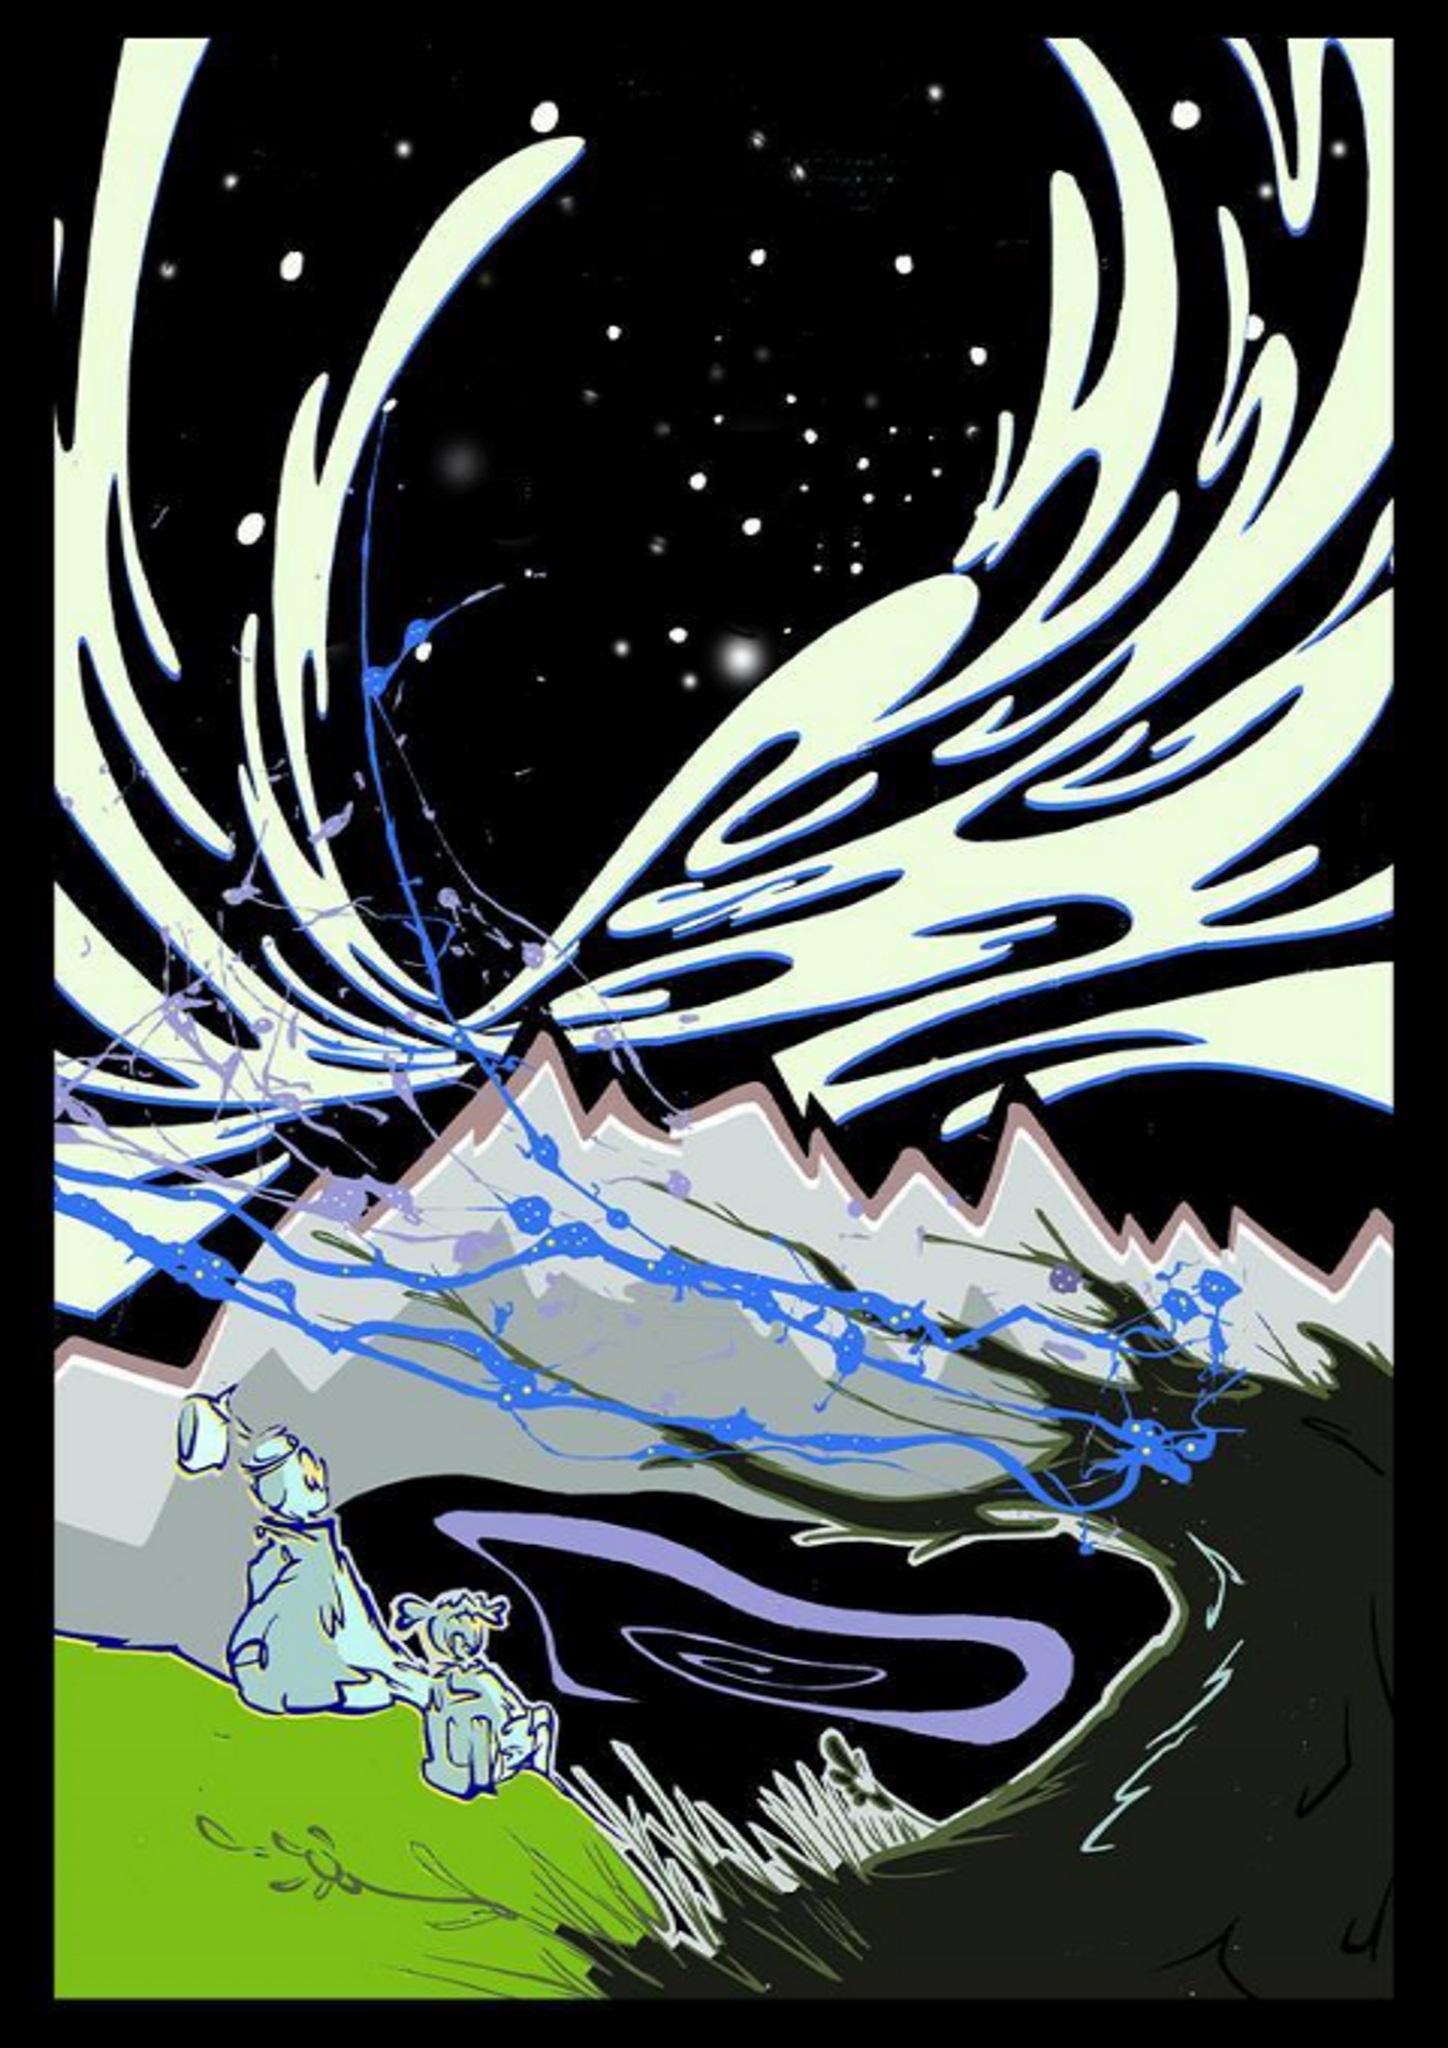 I giusti sentimenti, racconto di F. Bordonali illustrazione di Brucio